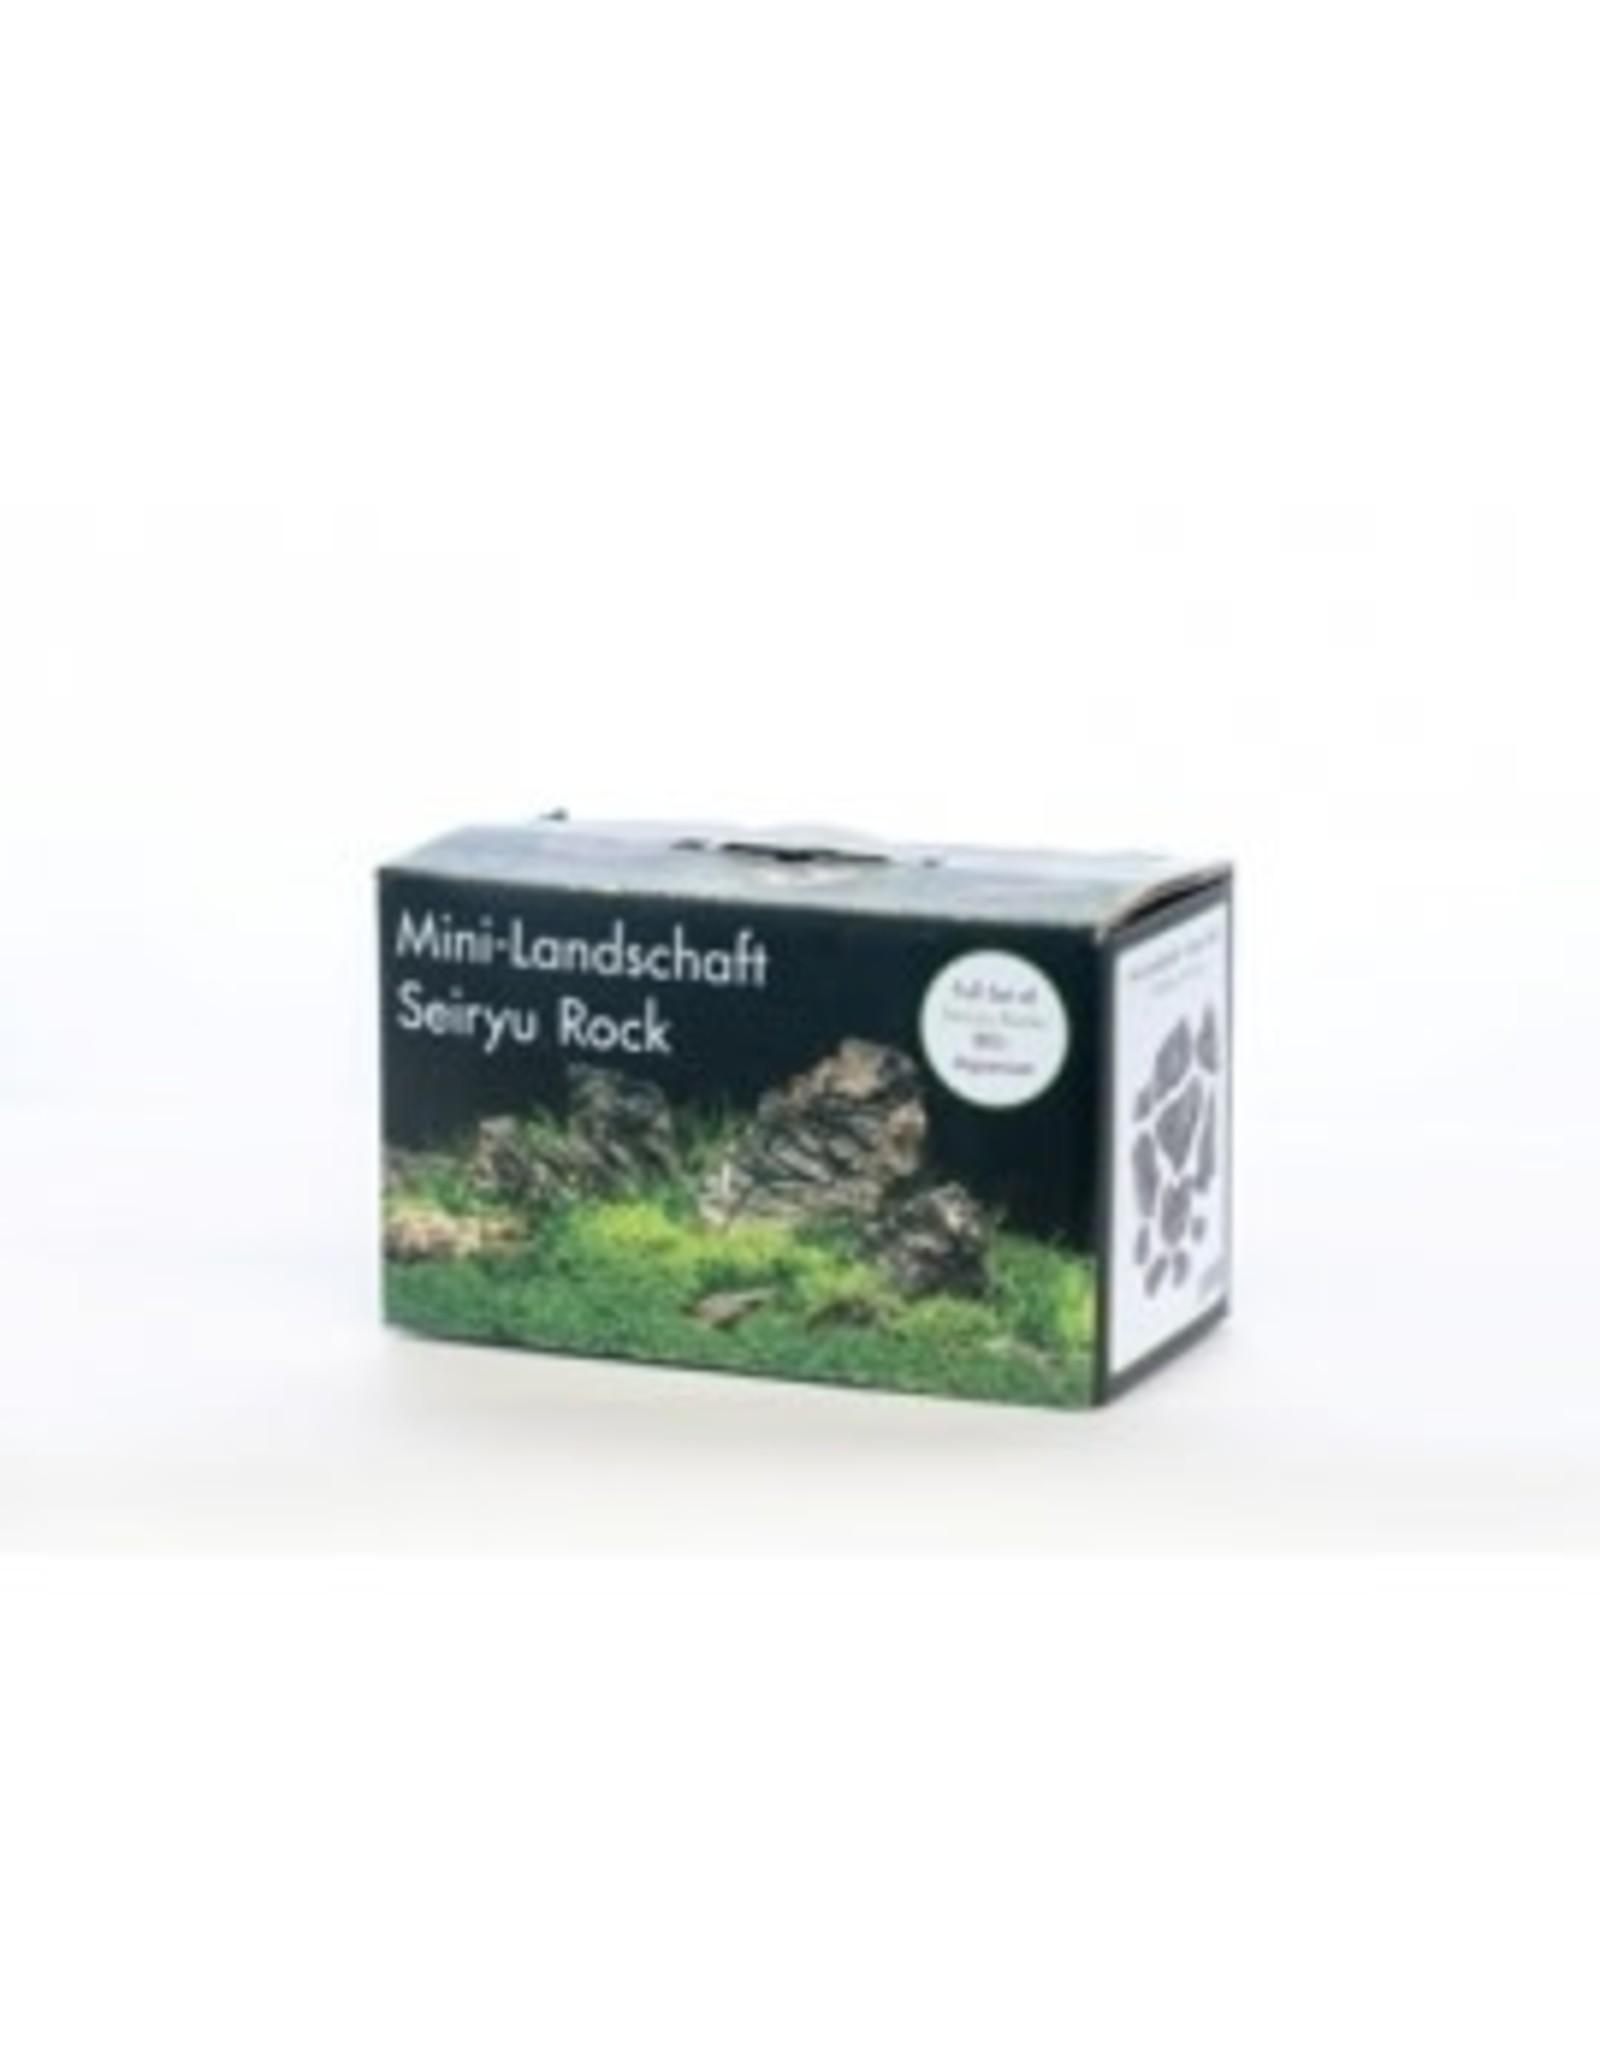 AquaDeco Deco Set Seiryu Stone (mini landscape)